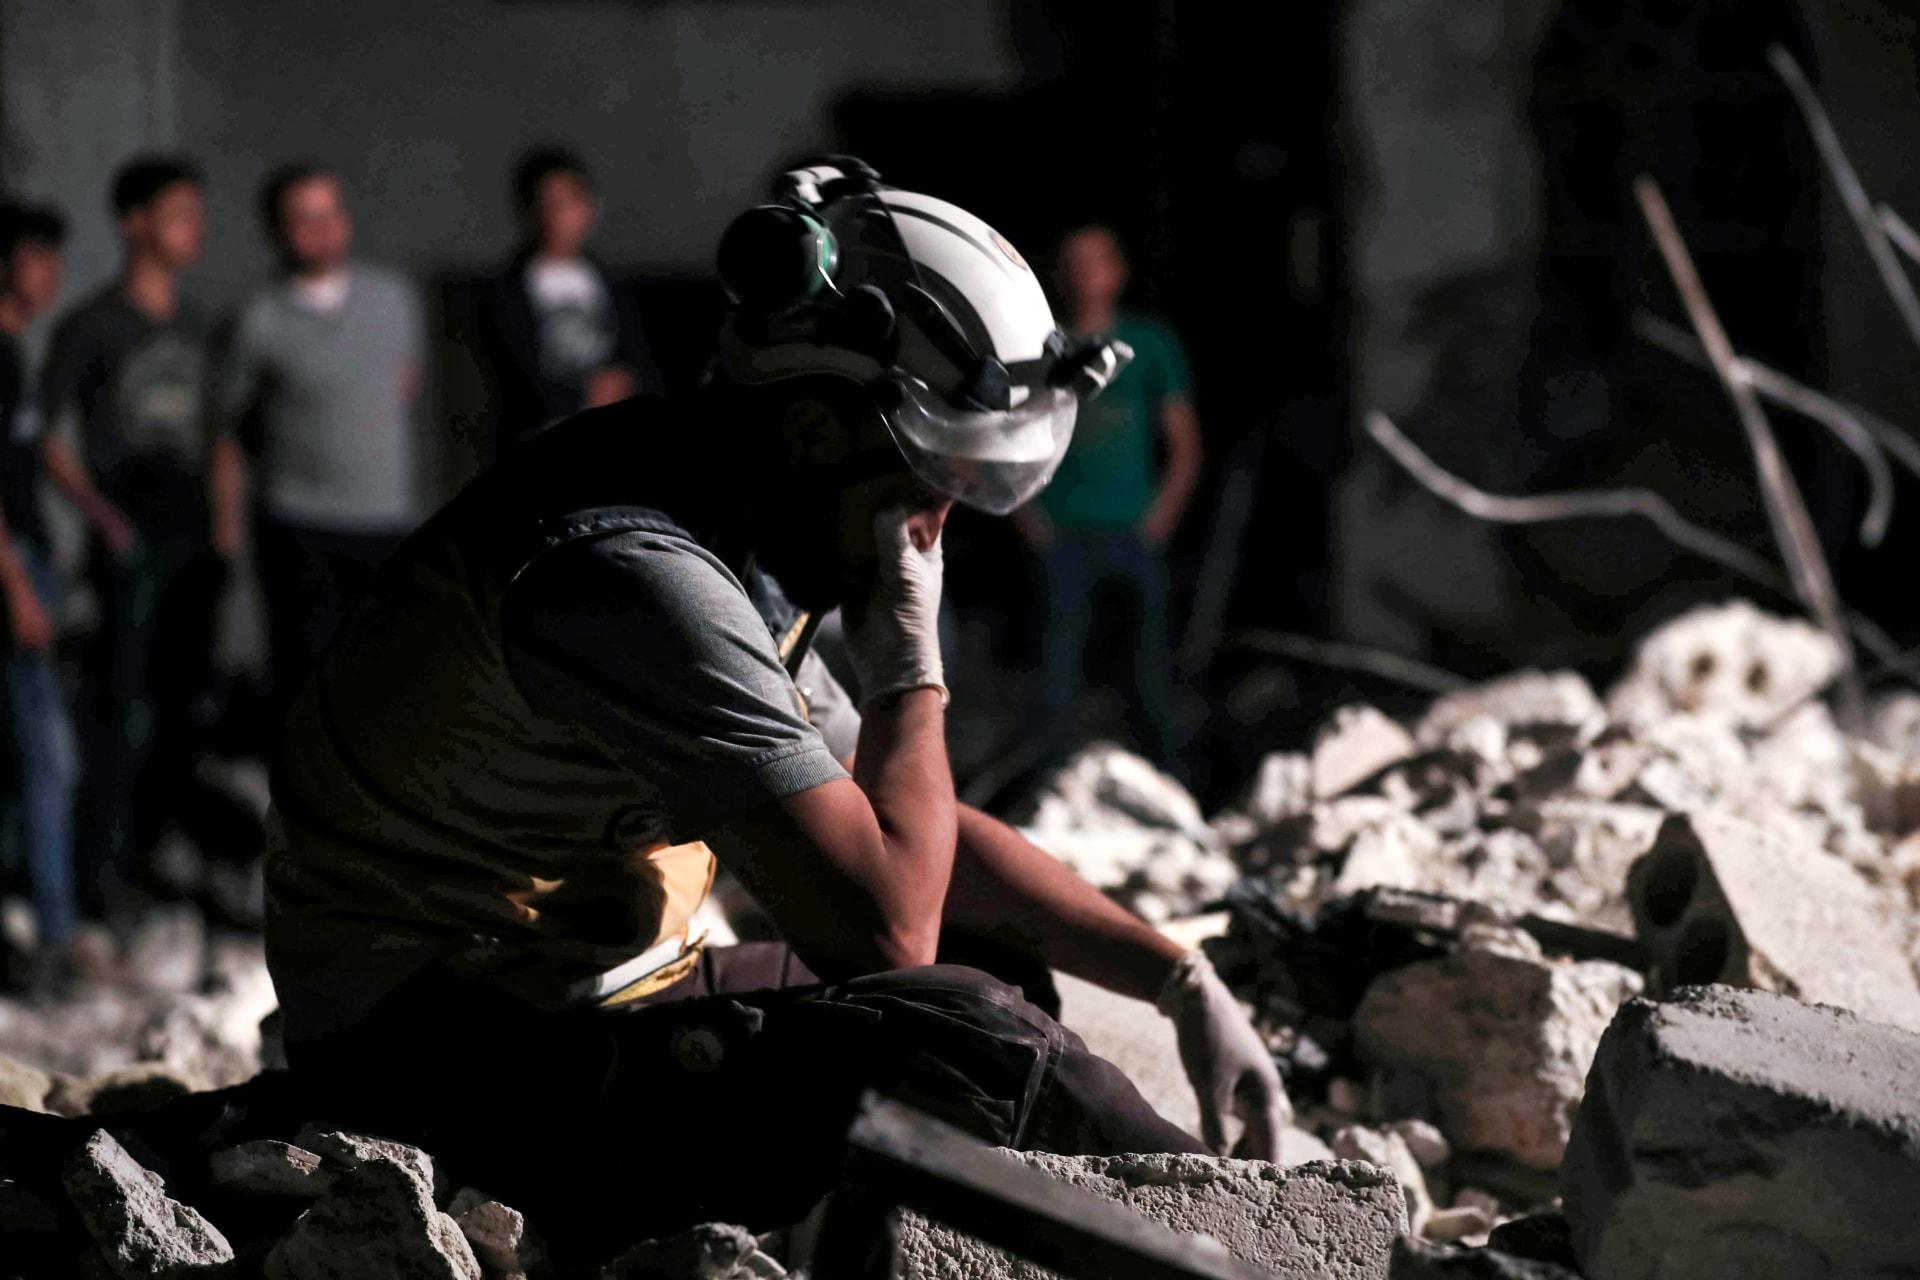 الخوذ البيضاء: مقتل ما لا يقل عن 15 شخصا في غارات جوية على إدلب